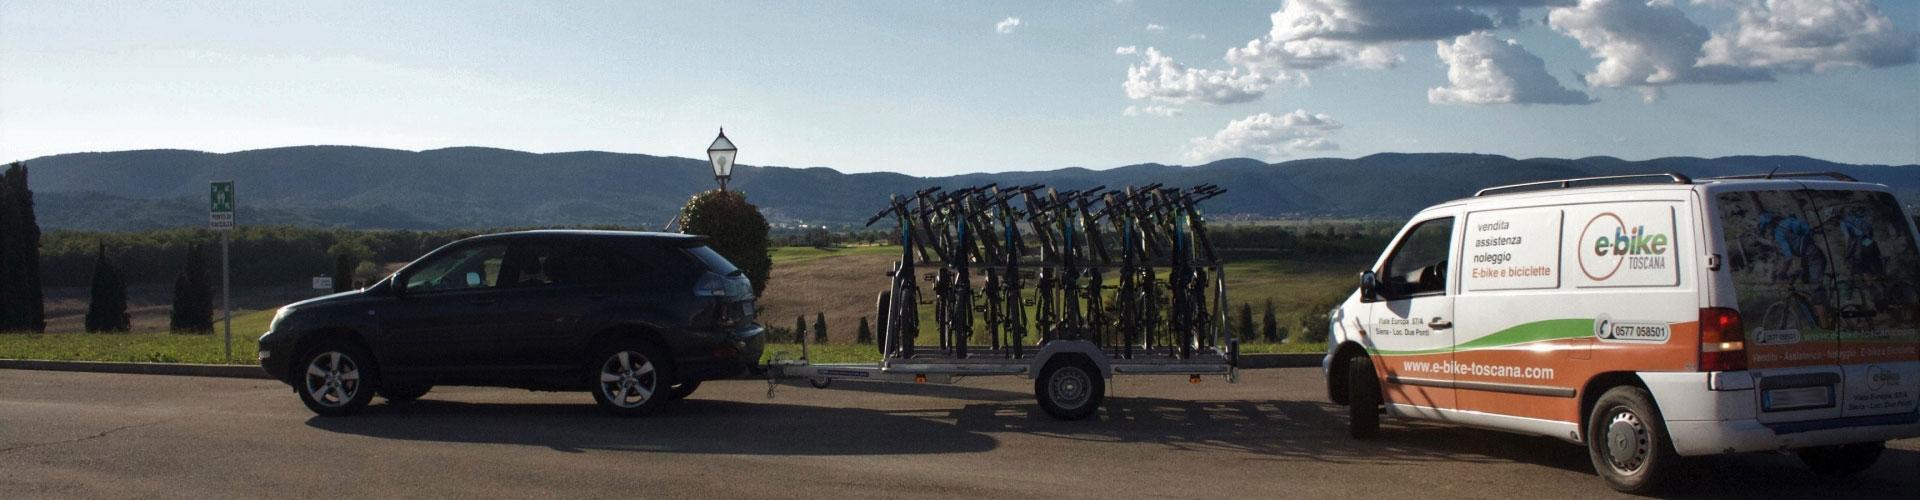 Breadcrumb image servizi noleggio bici e-bike-toscana